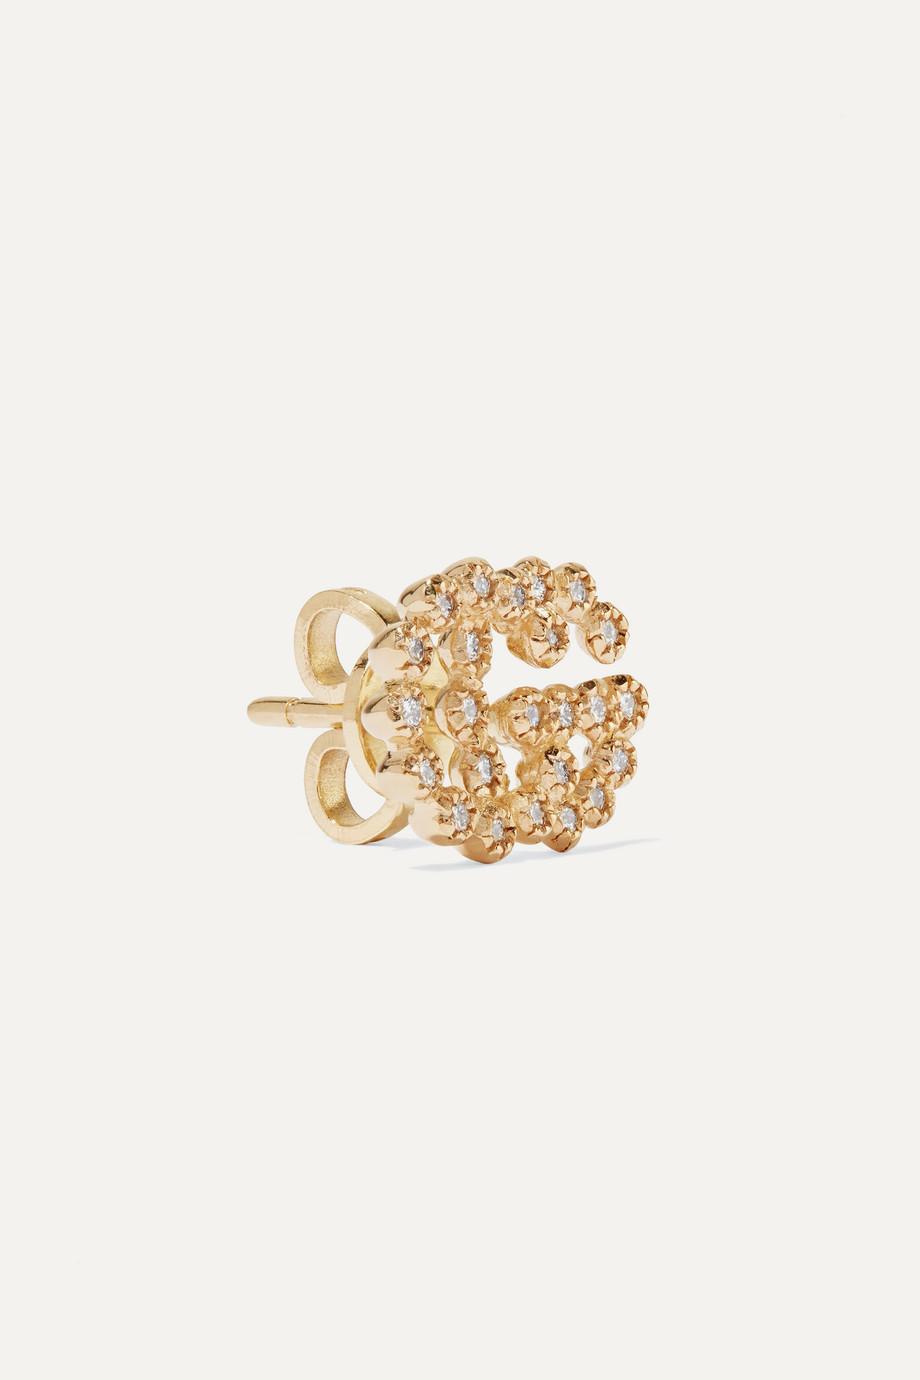 Gucci Boucles d'oreilles en or 18carats et diamants